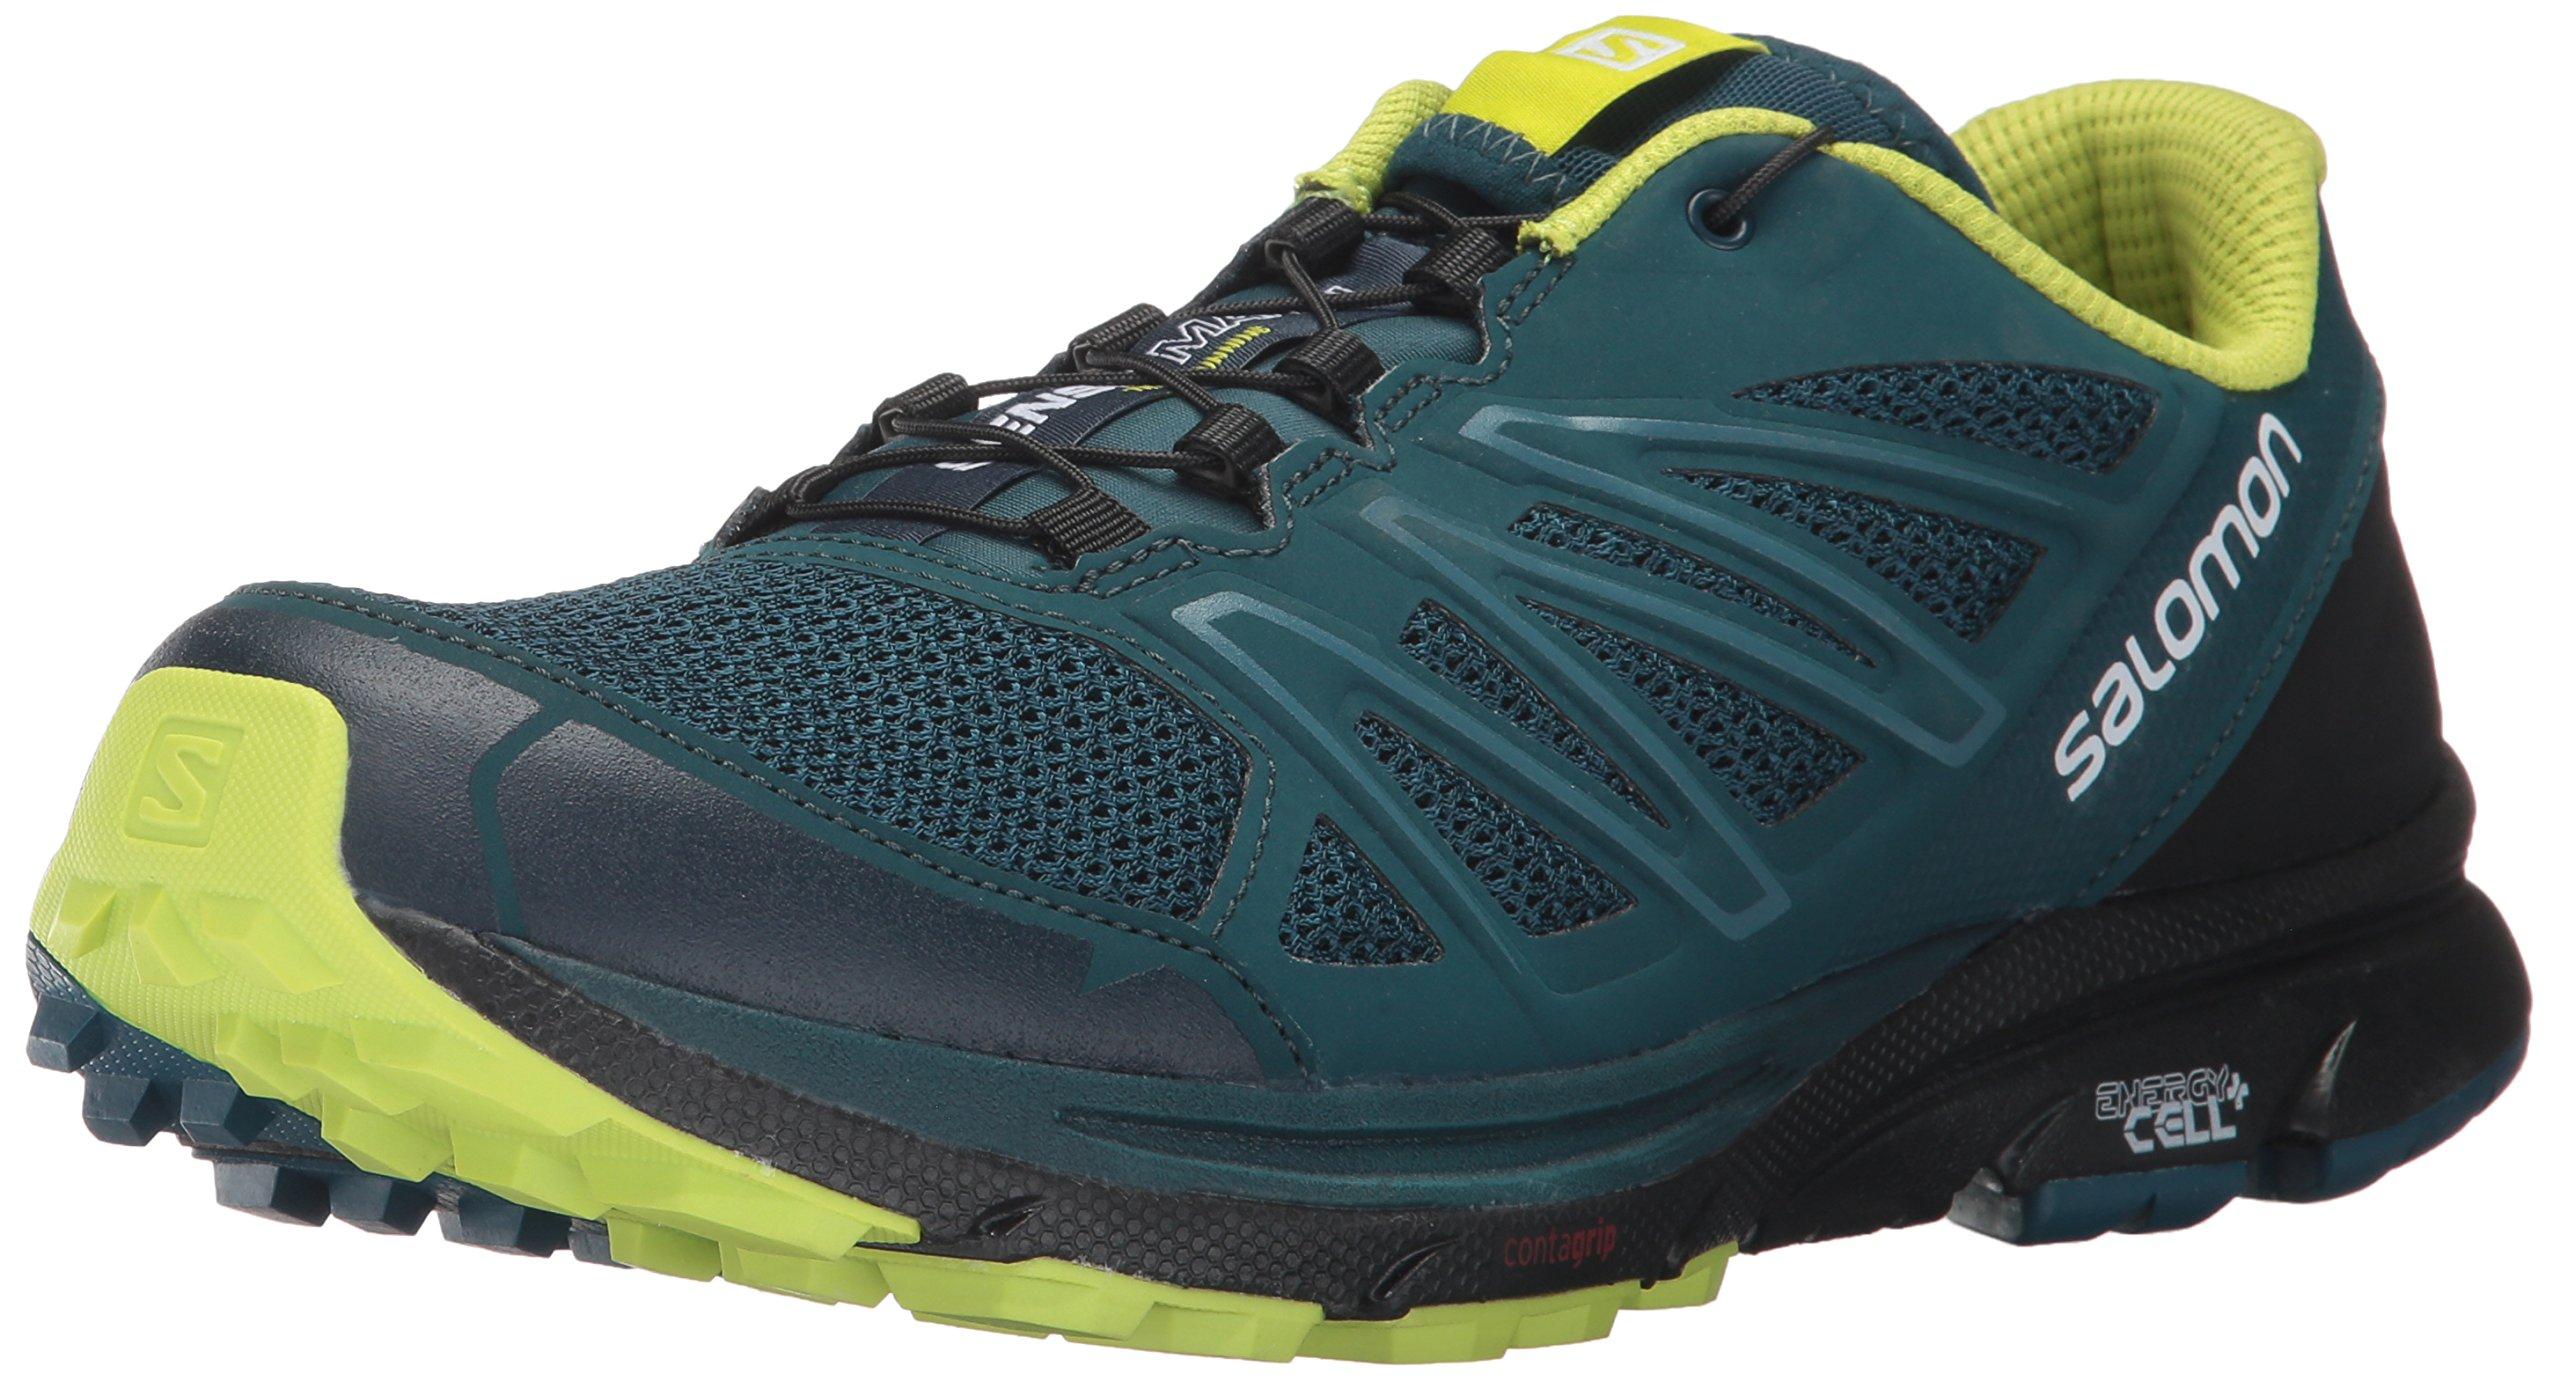 Men's Sense Marin Trail Runner- Buy